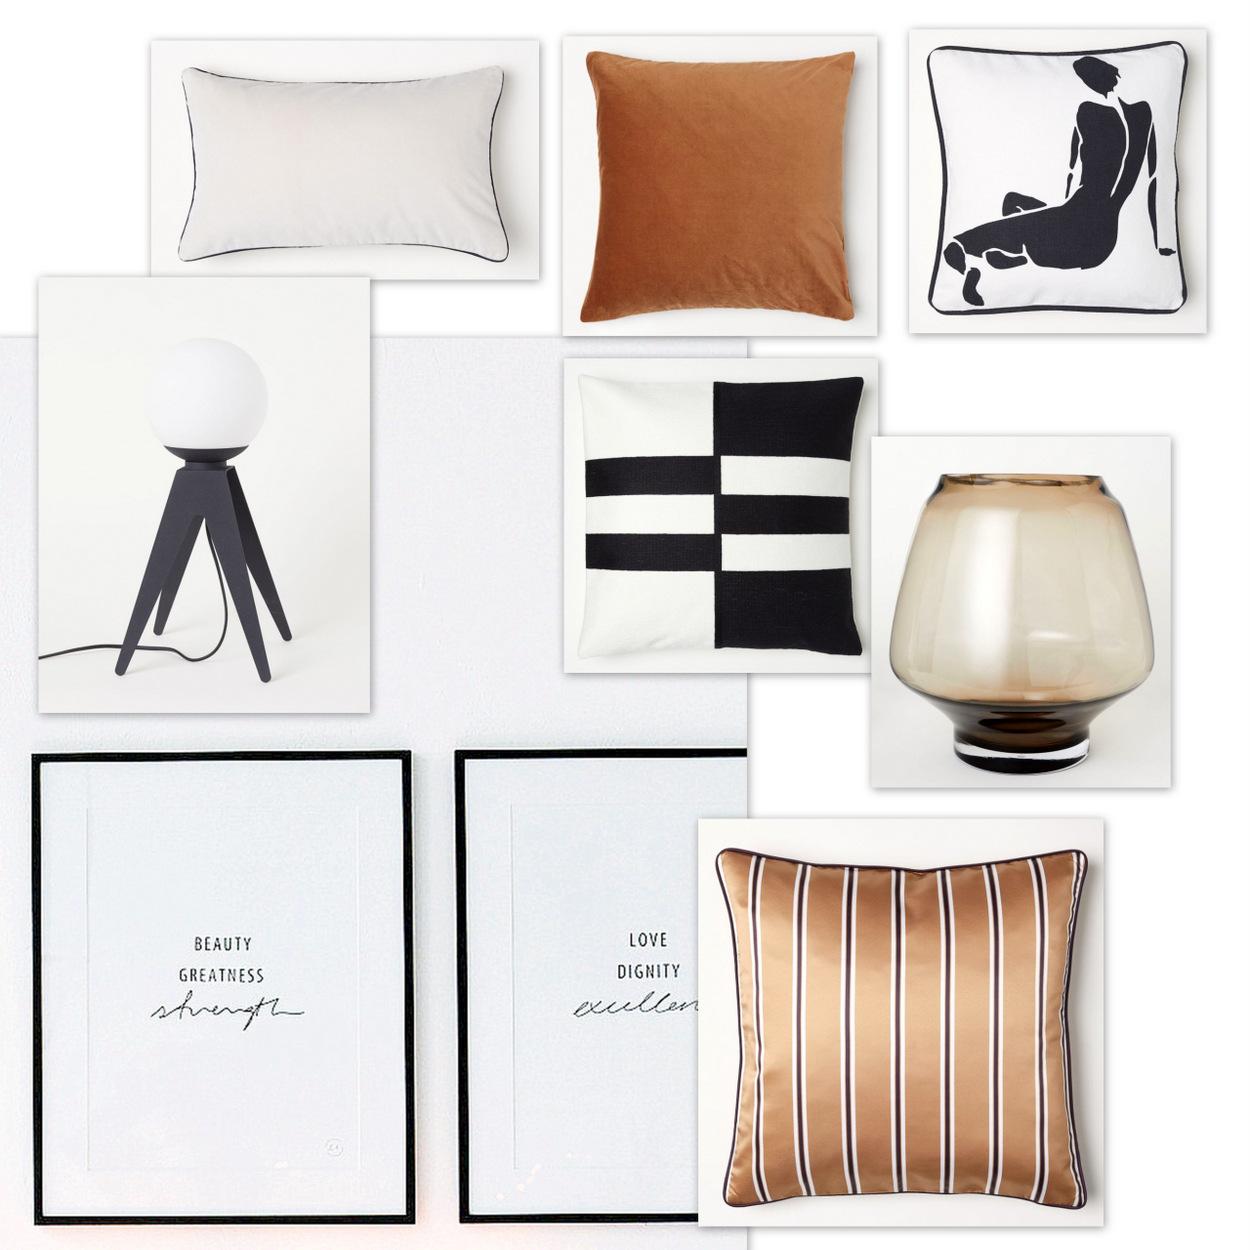 5 dinge auf die ich mich im september freue liebesbotschaft blog. Black Bedroom Furniture Sets. Home Design Ideas